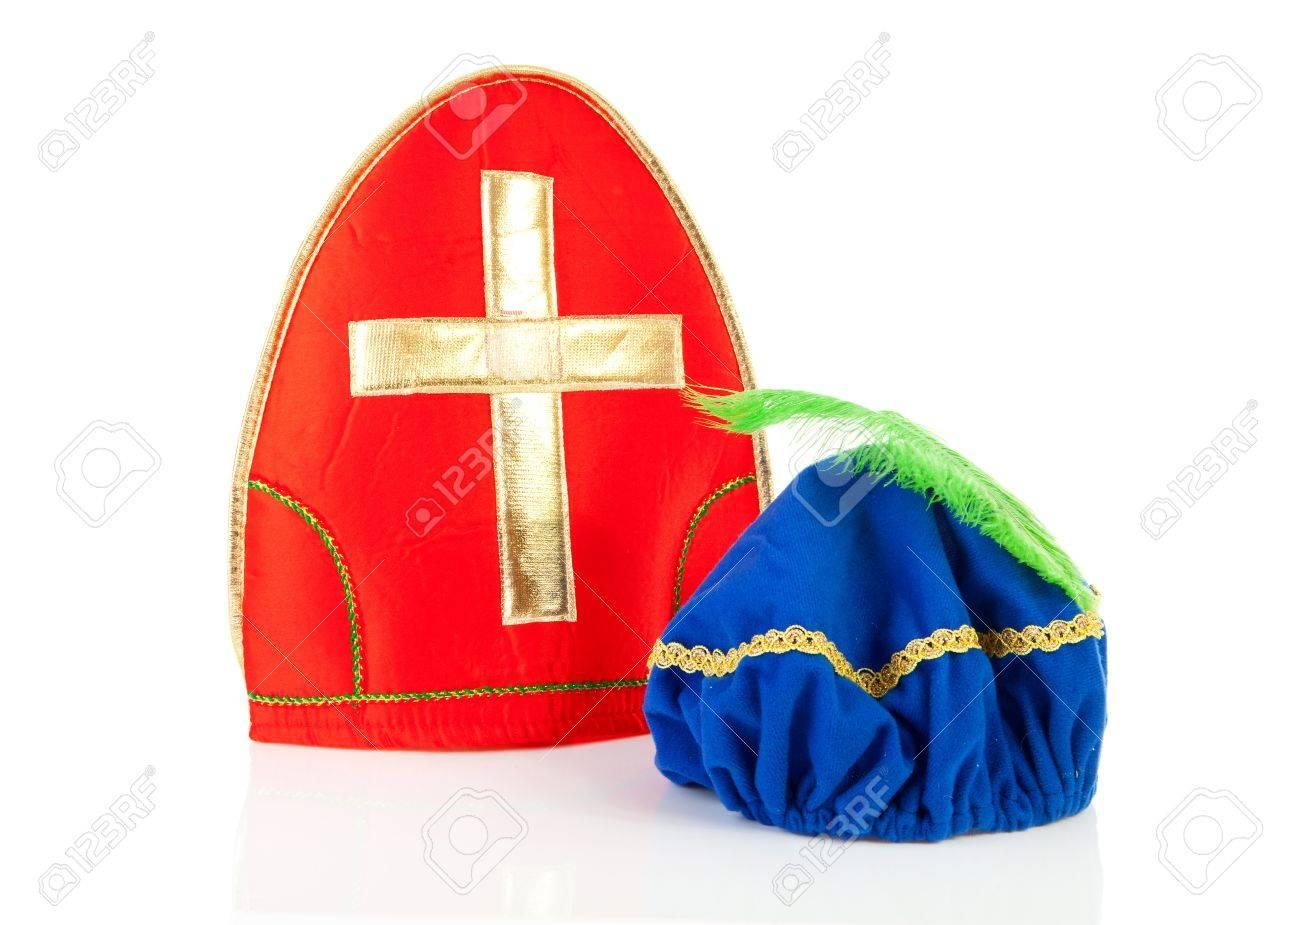 bb8c2623c824b Mitre ( mijter) of Sinterklaas and hat of black pete ( zwarte piet)